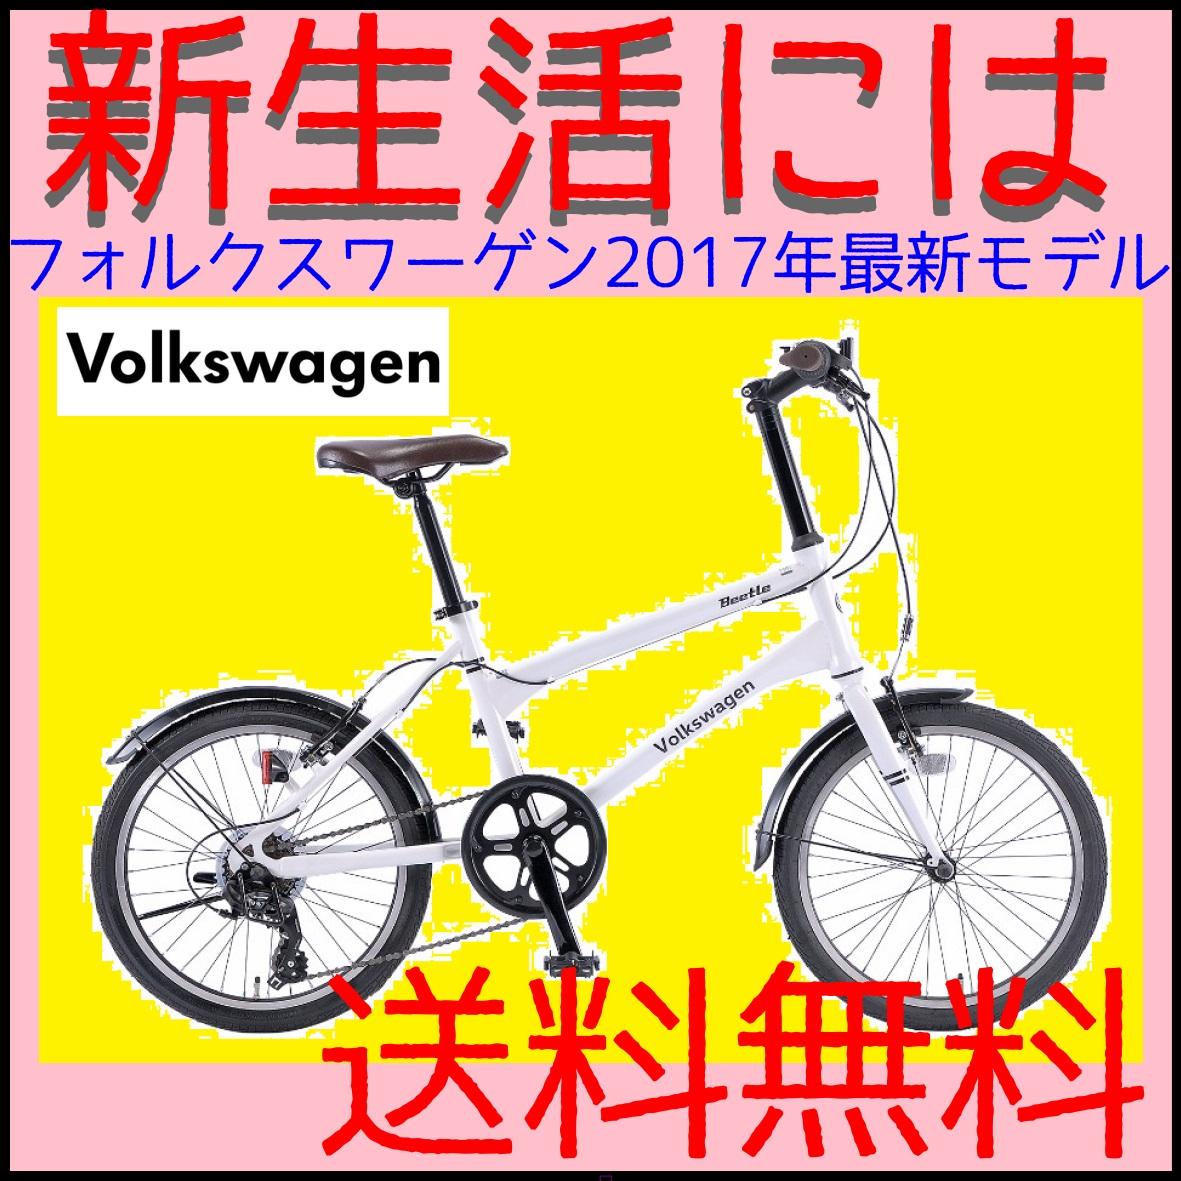 フォルクスワーゲン ミニベロ Volkswagen 自転車 ダホワイト 白 20インチ 自転車 外装7段ギア フォルクスワーゲン VW-207COM Beetle ビートル